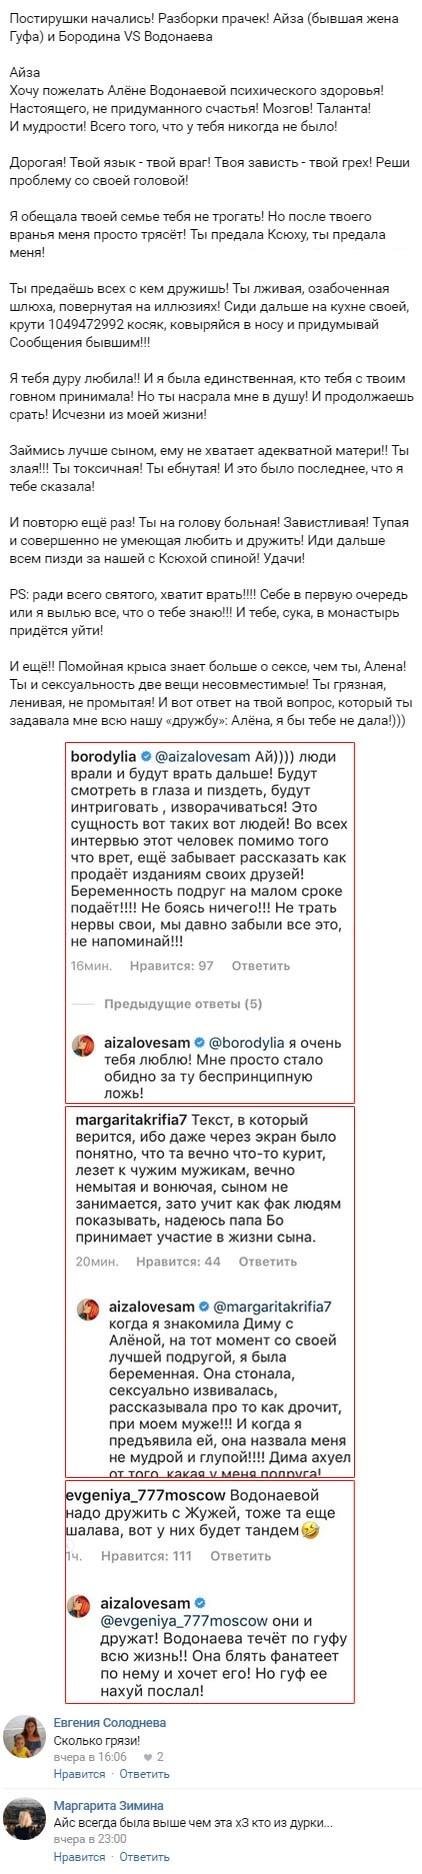 Ксения Бородина вместе с близкой подругой загасили Алену Водонаеву